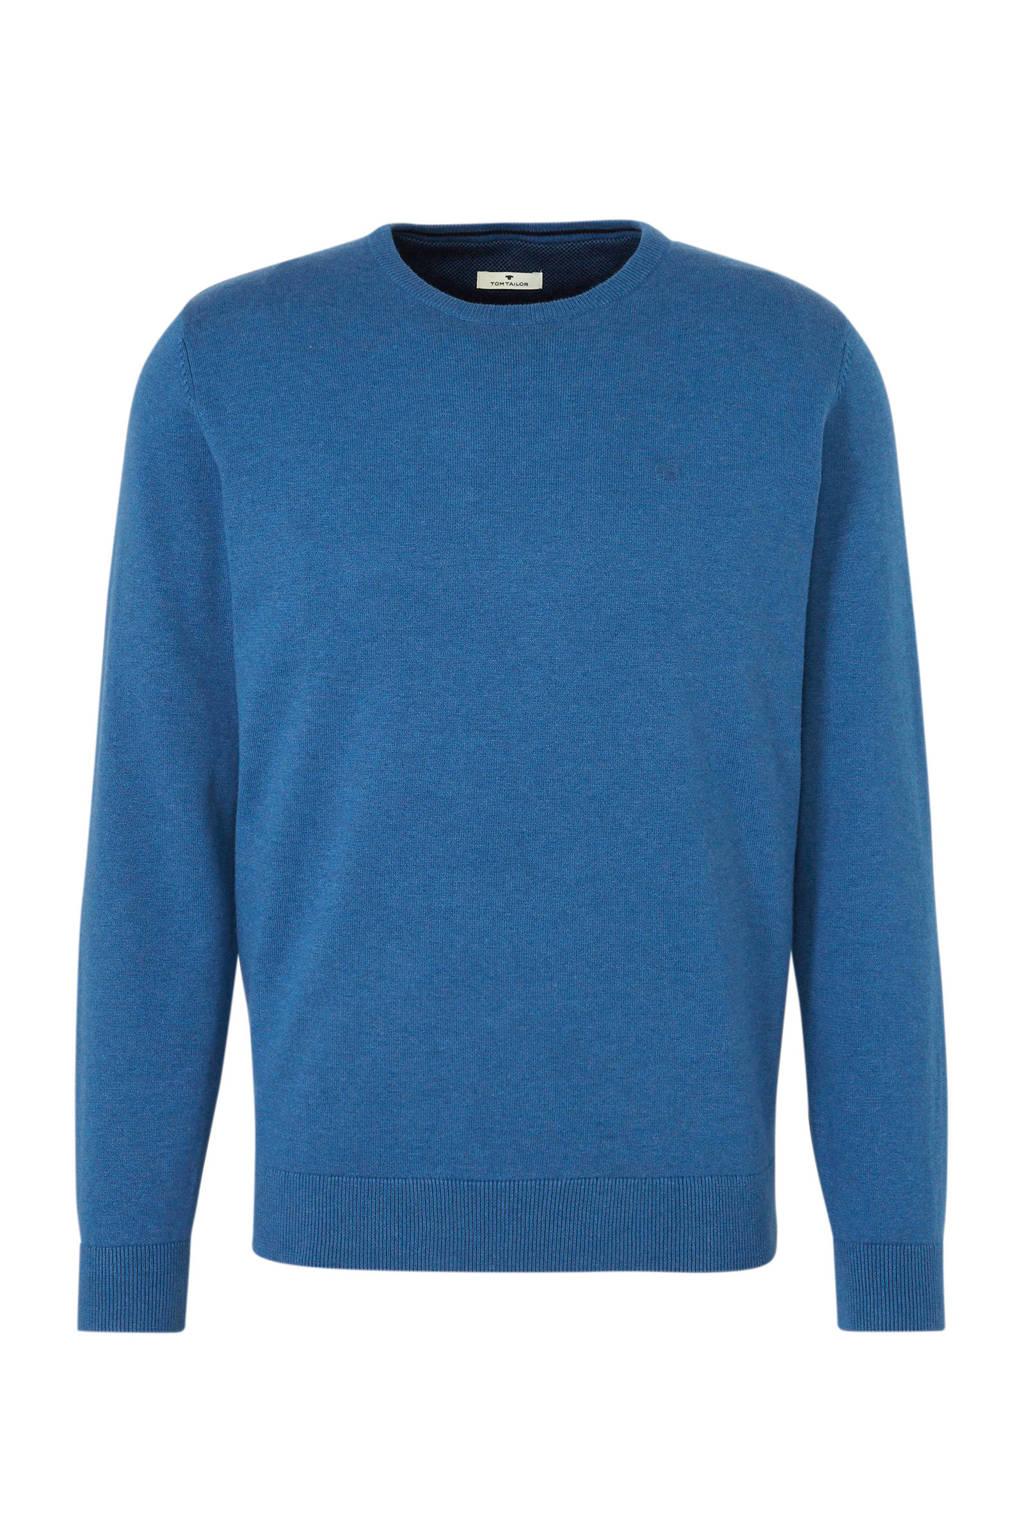 Tom Tailor trui blauw, Blauw